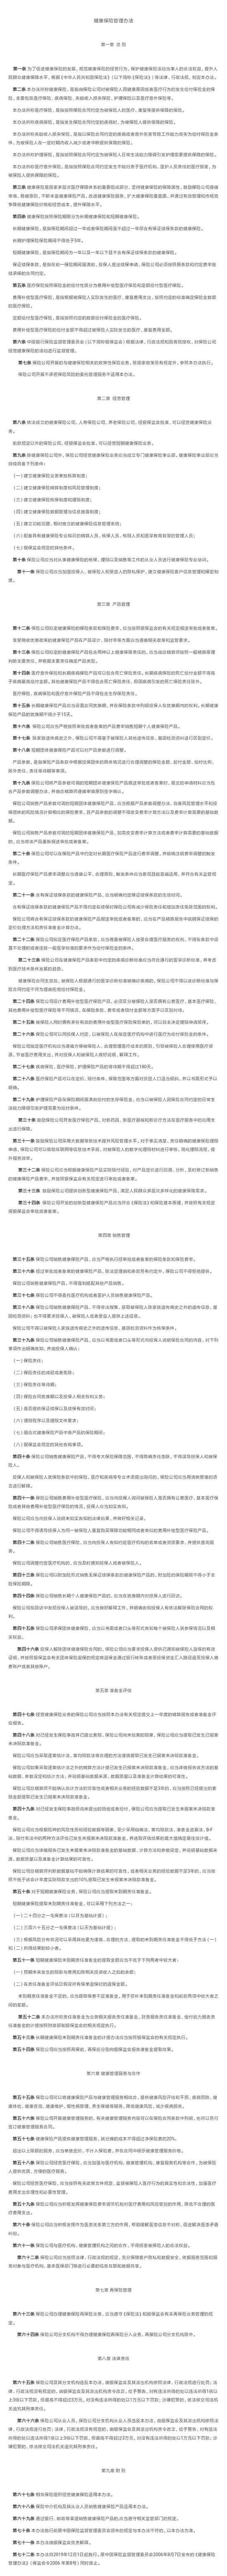 美高梅在线试玩·被疯狂辱骂「脏」的林志玲,究竟做错了什么?